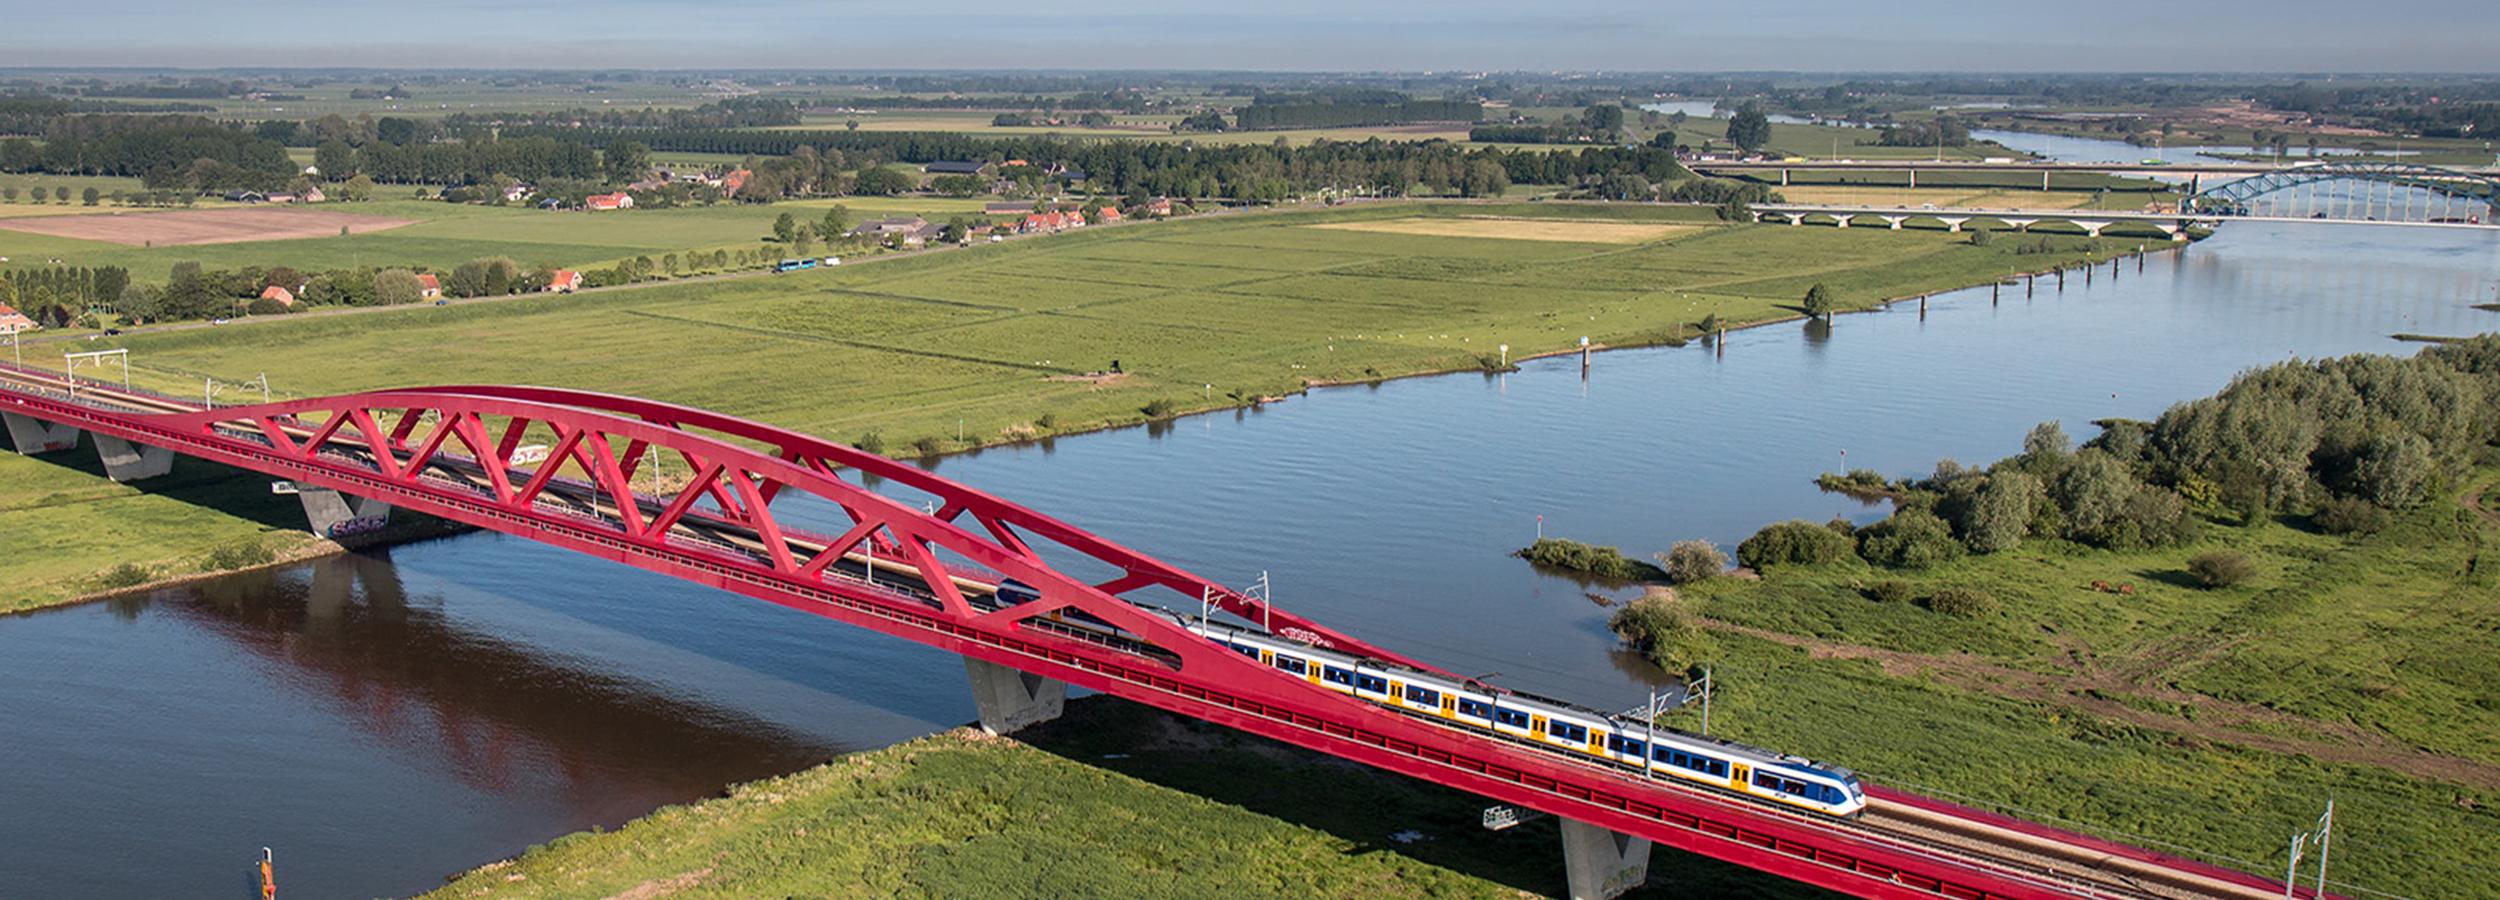 Luchtfotografie Nederland, mei 2014, Overijssel, Zwolle. Hanzeboog spoorbrug over de Ijssel van de hanzespoorlijn tussen Lelystad en Zwolle